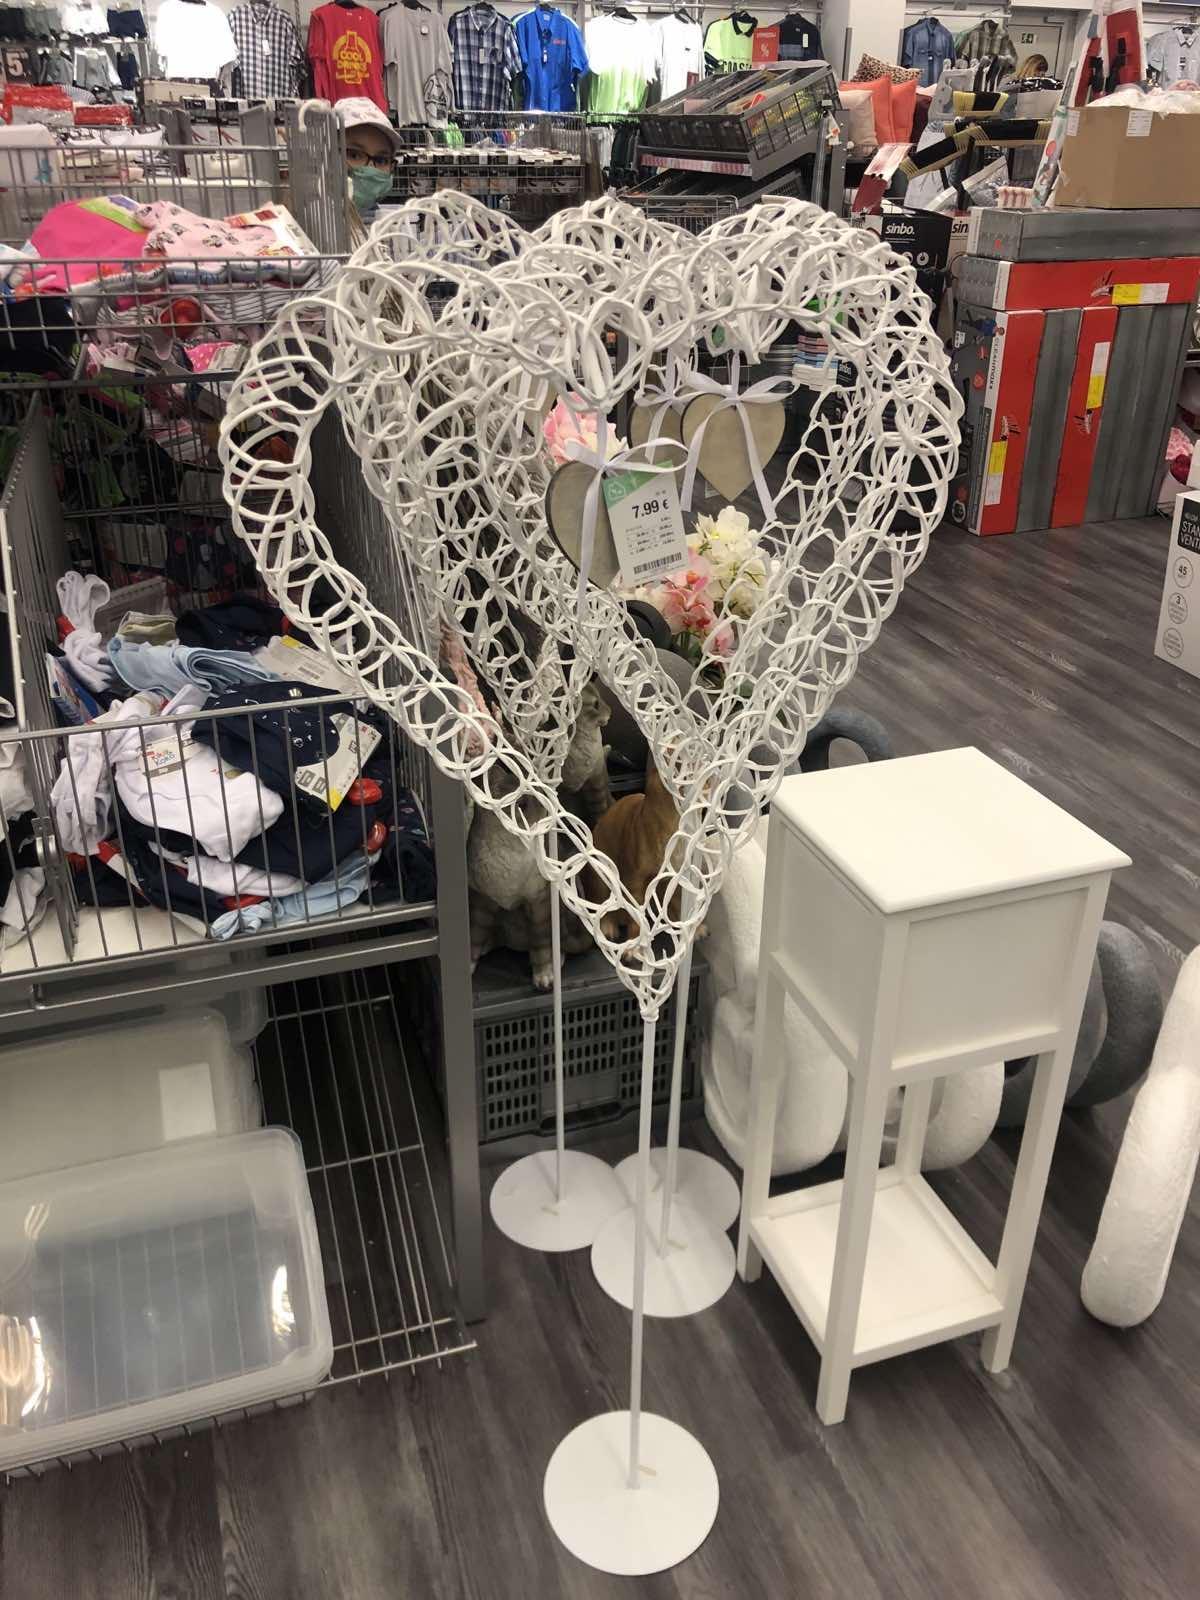 Inšpirácia na srdiečkový stojan na svadbu :) kúpený včera v Tedi za 9€. Na poslednej fotke je tiež podobný z Kik za podobnú cenu :) - Obrázok č. 3